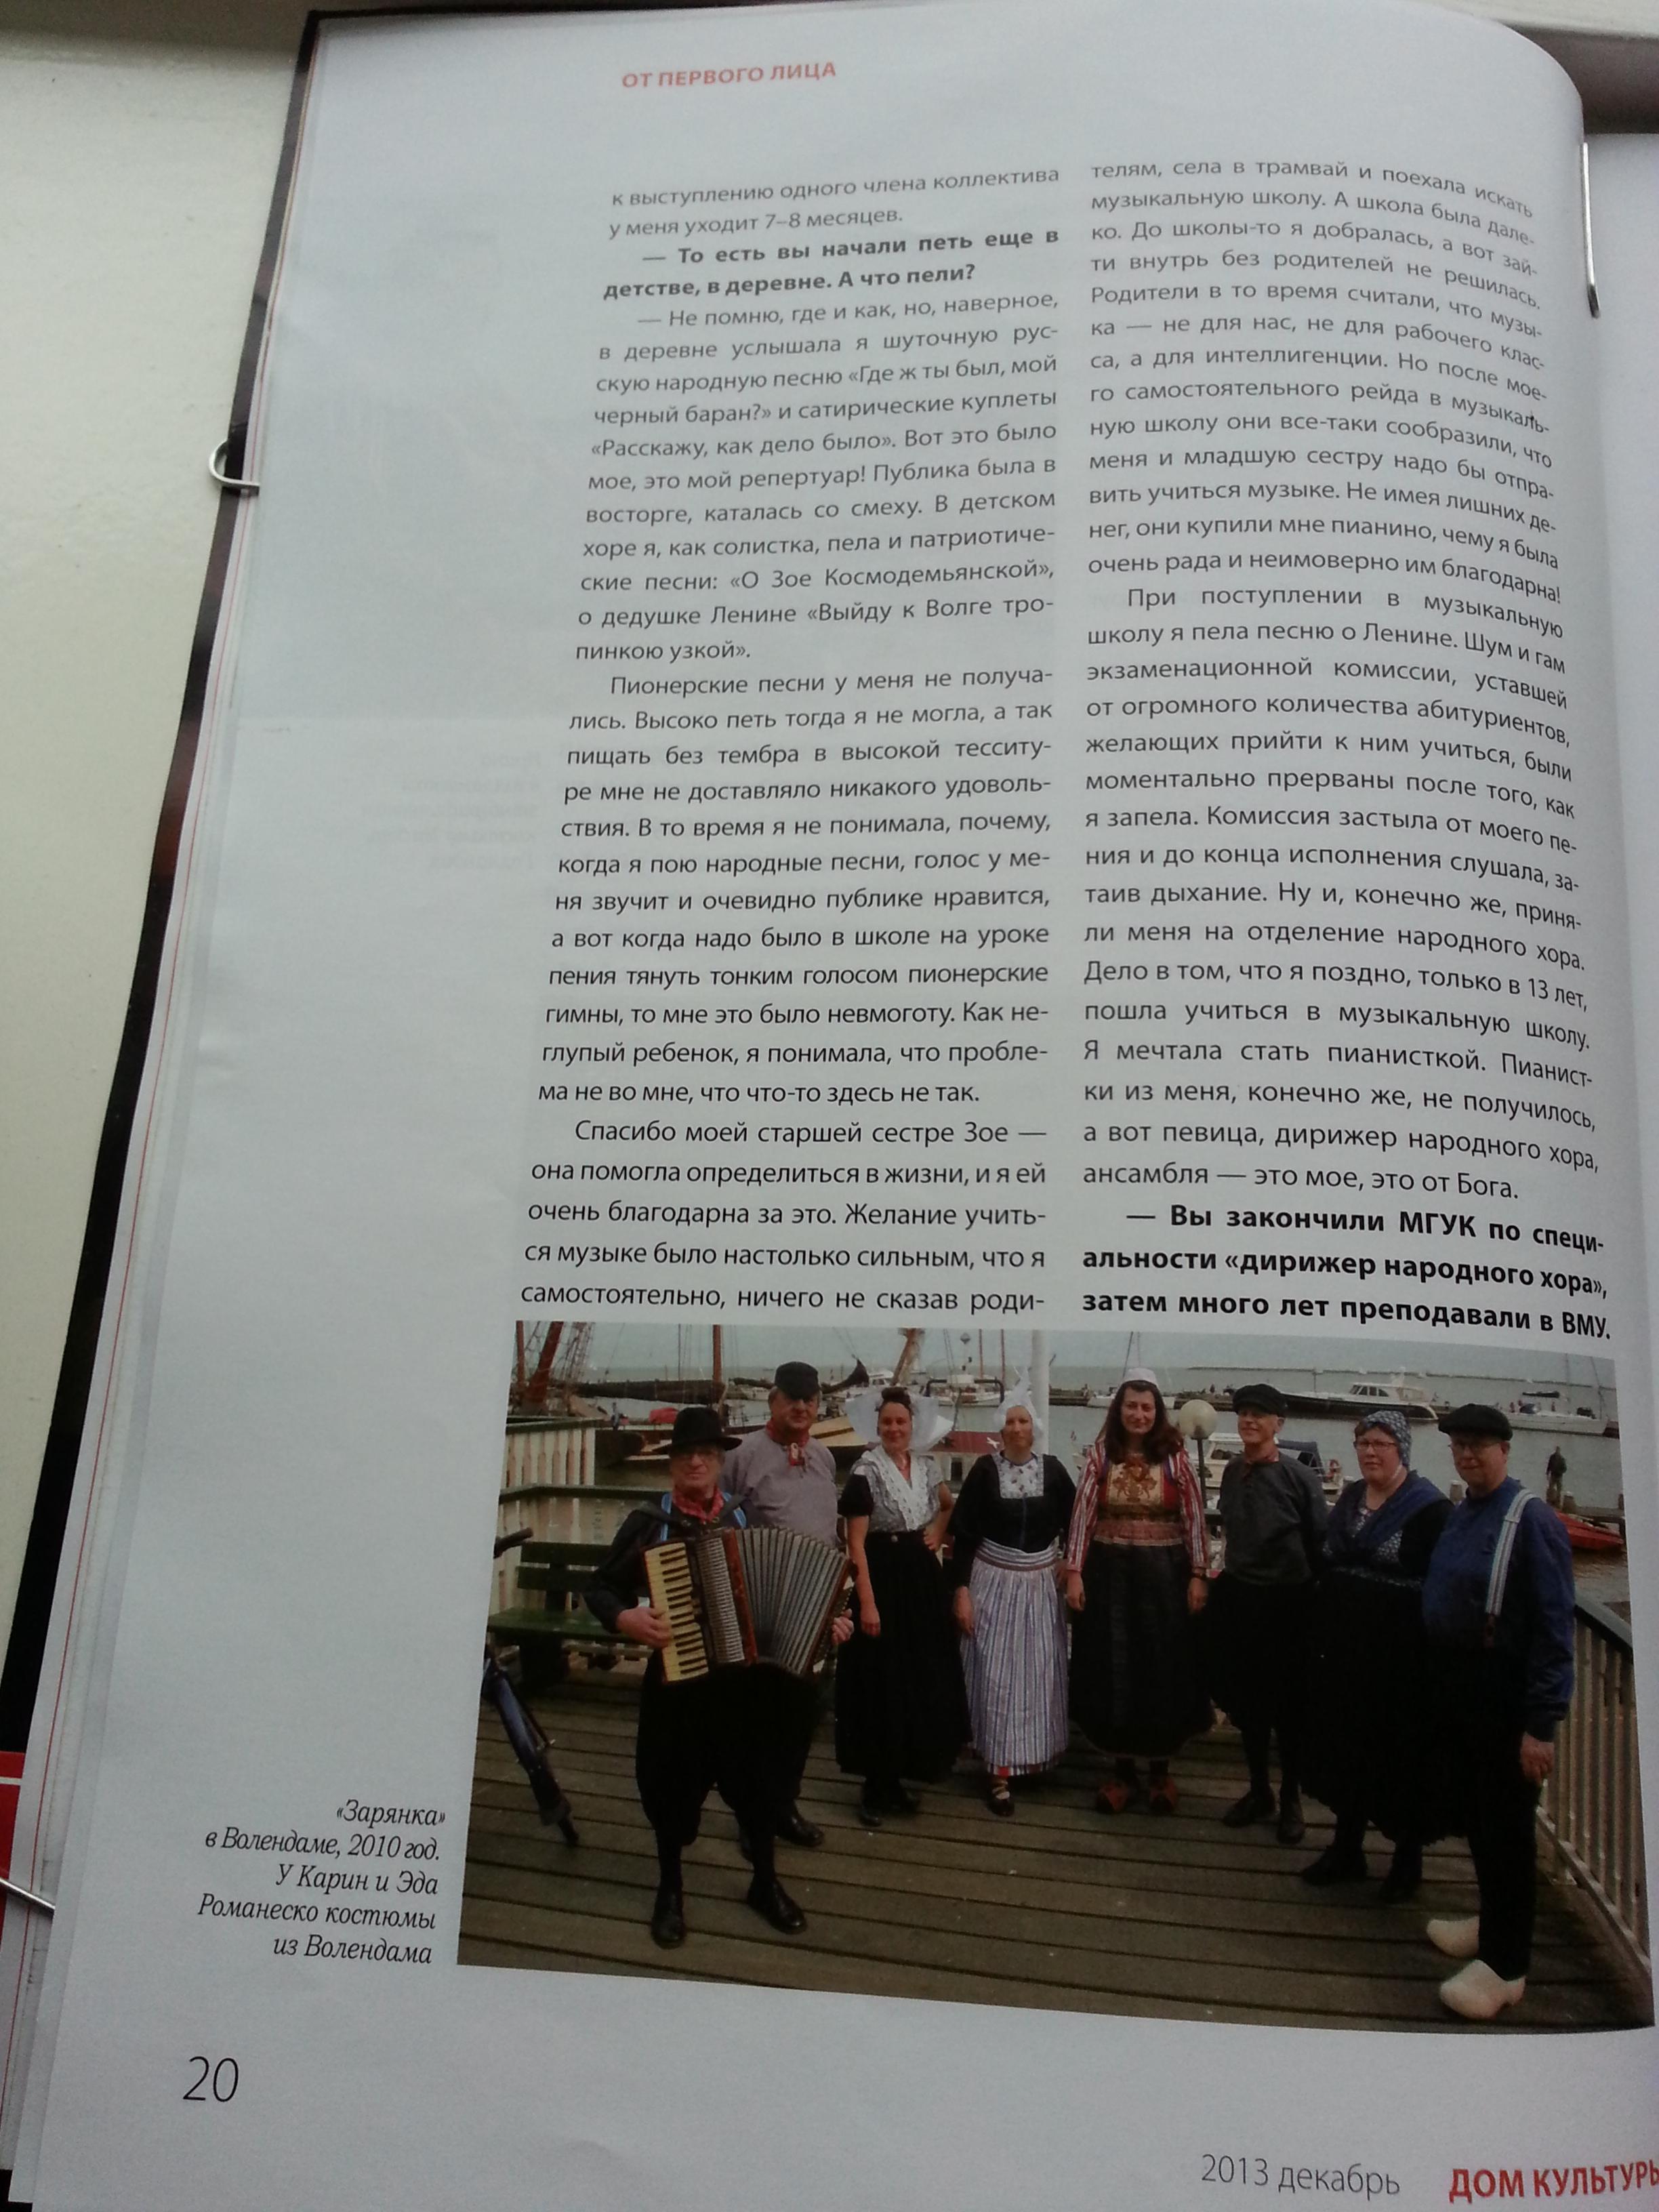 """tijdschrift """"Huis van cultuur"""" dec. 2013 Moskou. Irina Raspopova: Överal propagandeer ik echte folklore muziek van Rusland"""""""